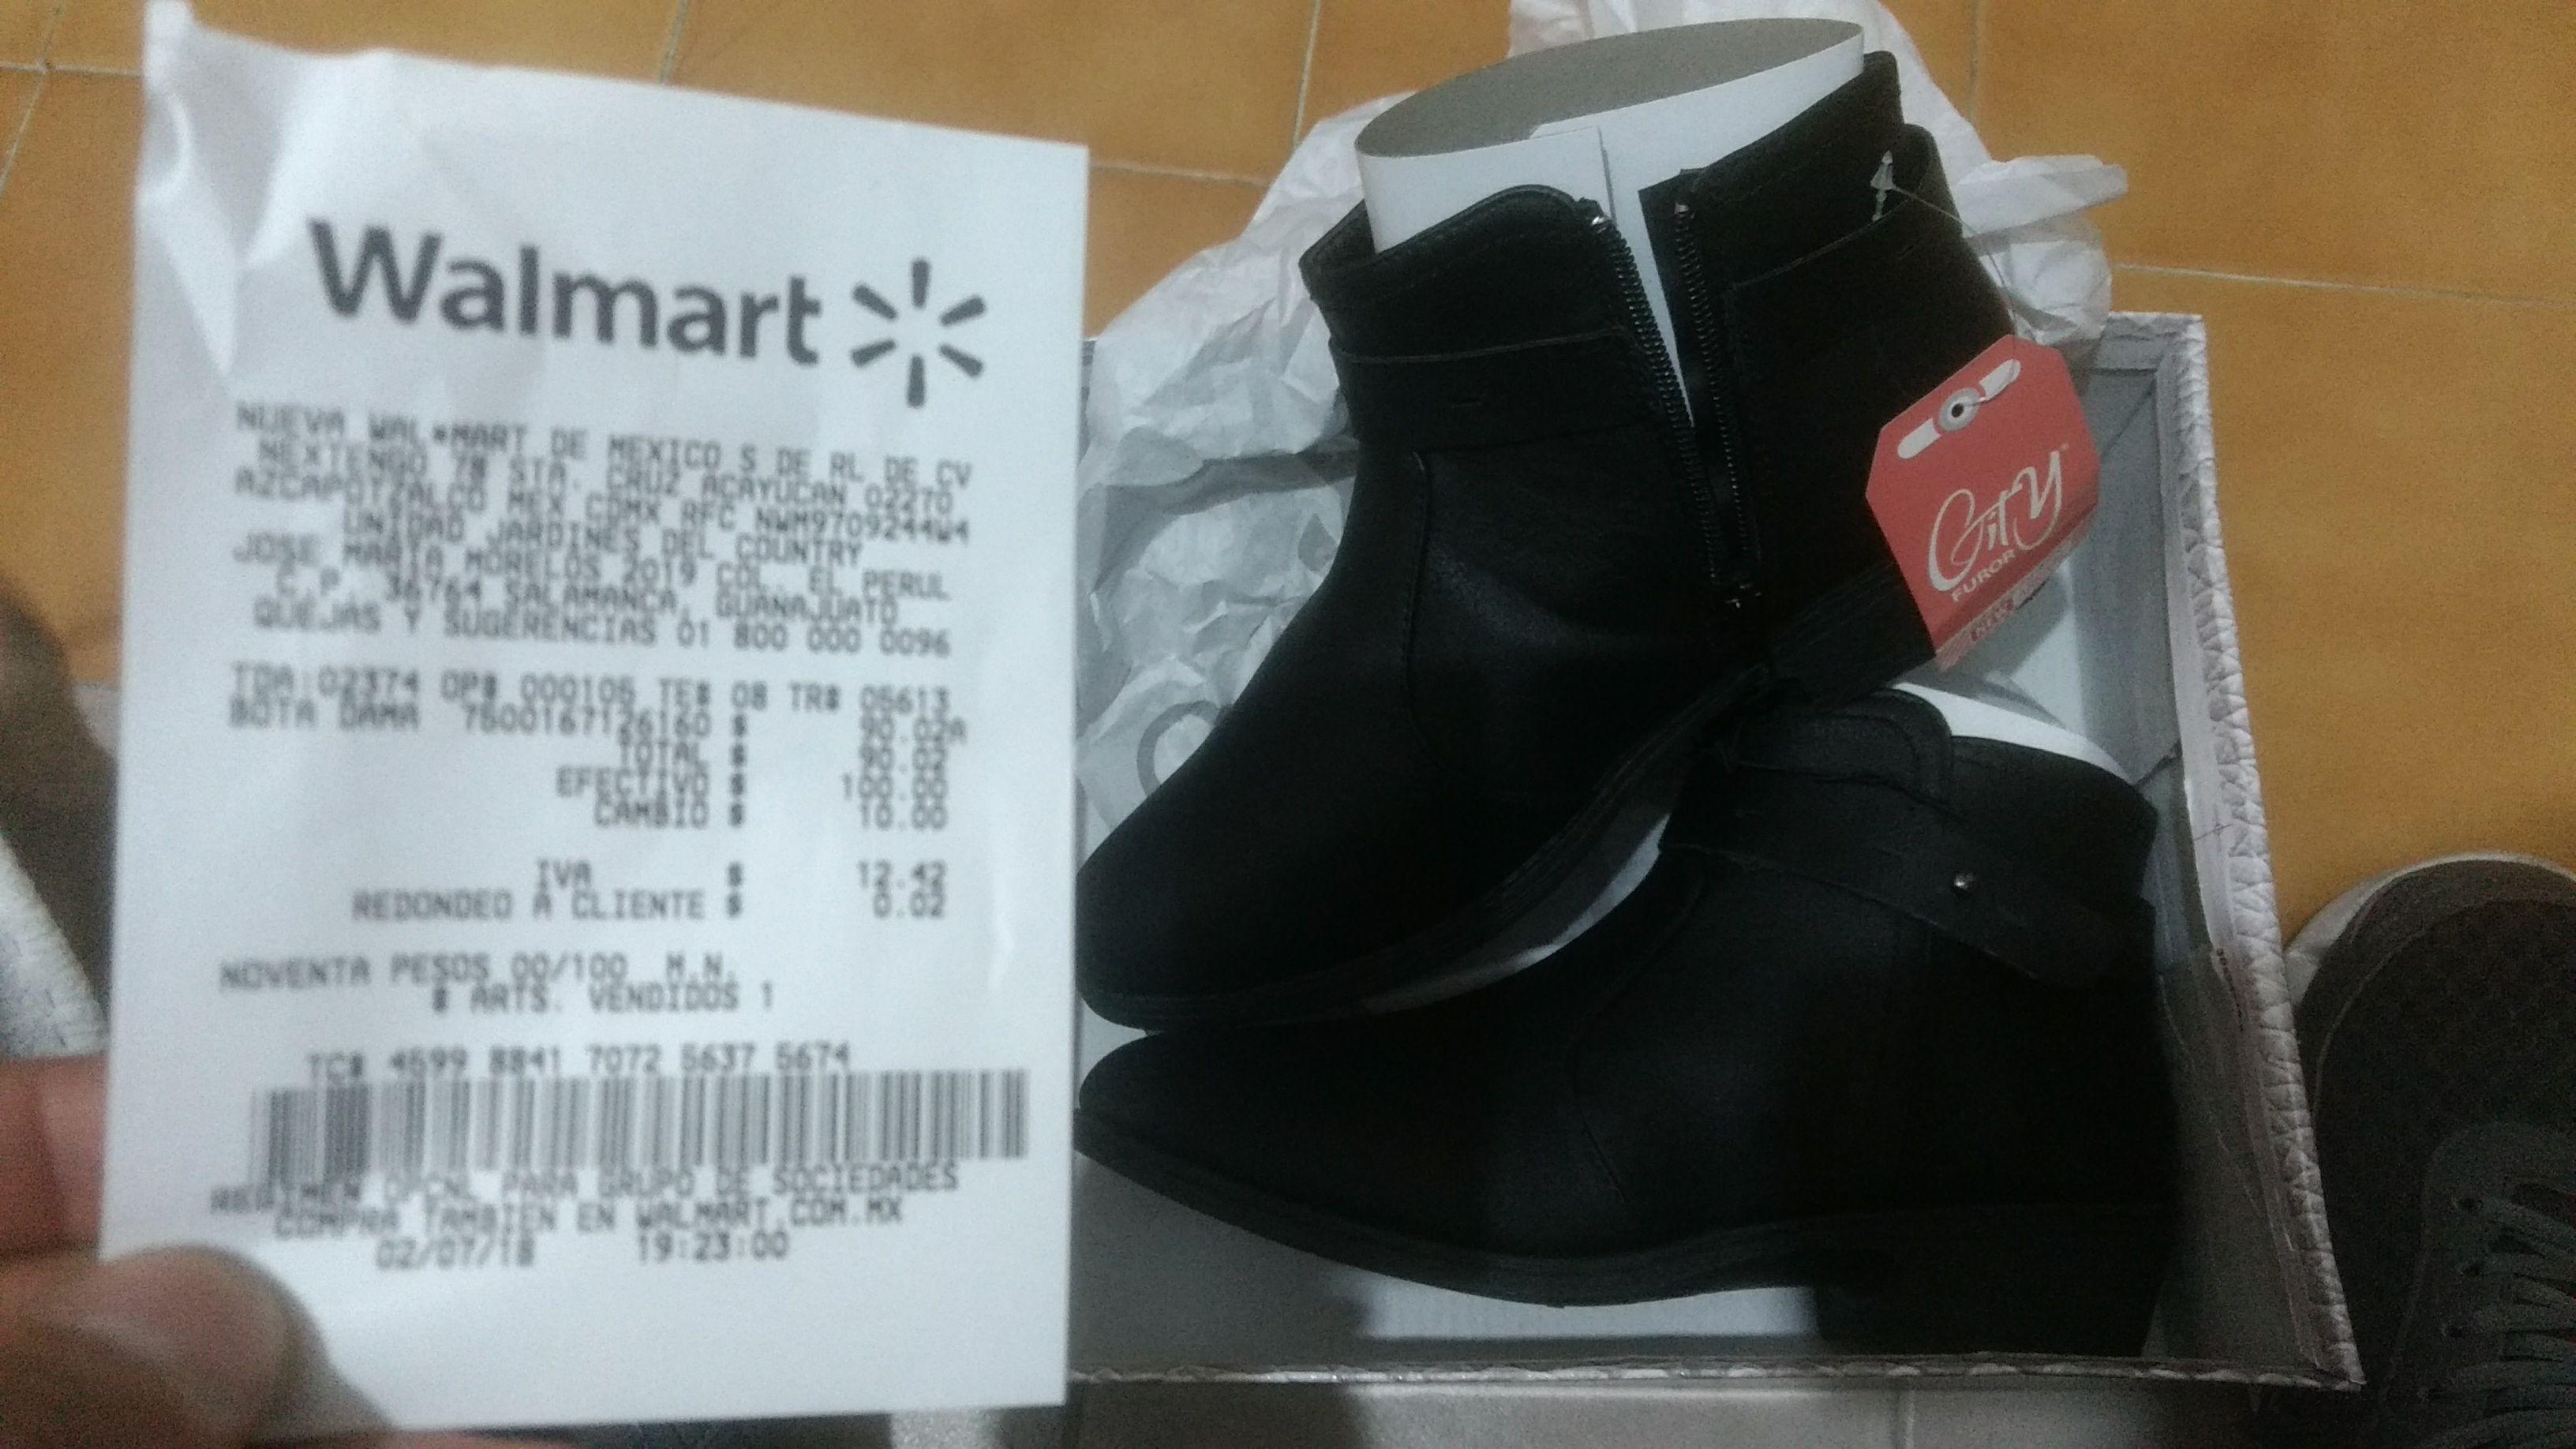 Walmart Salamanca, botines en liquidación